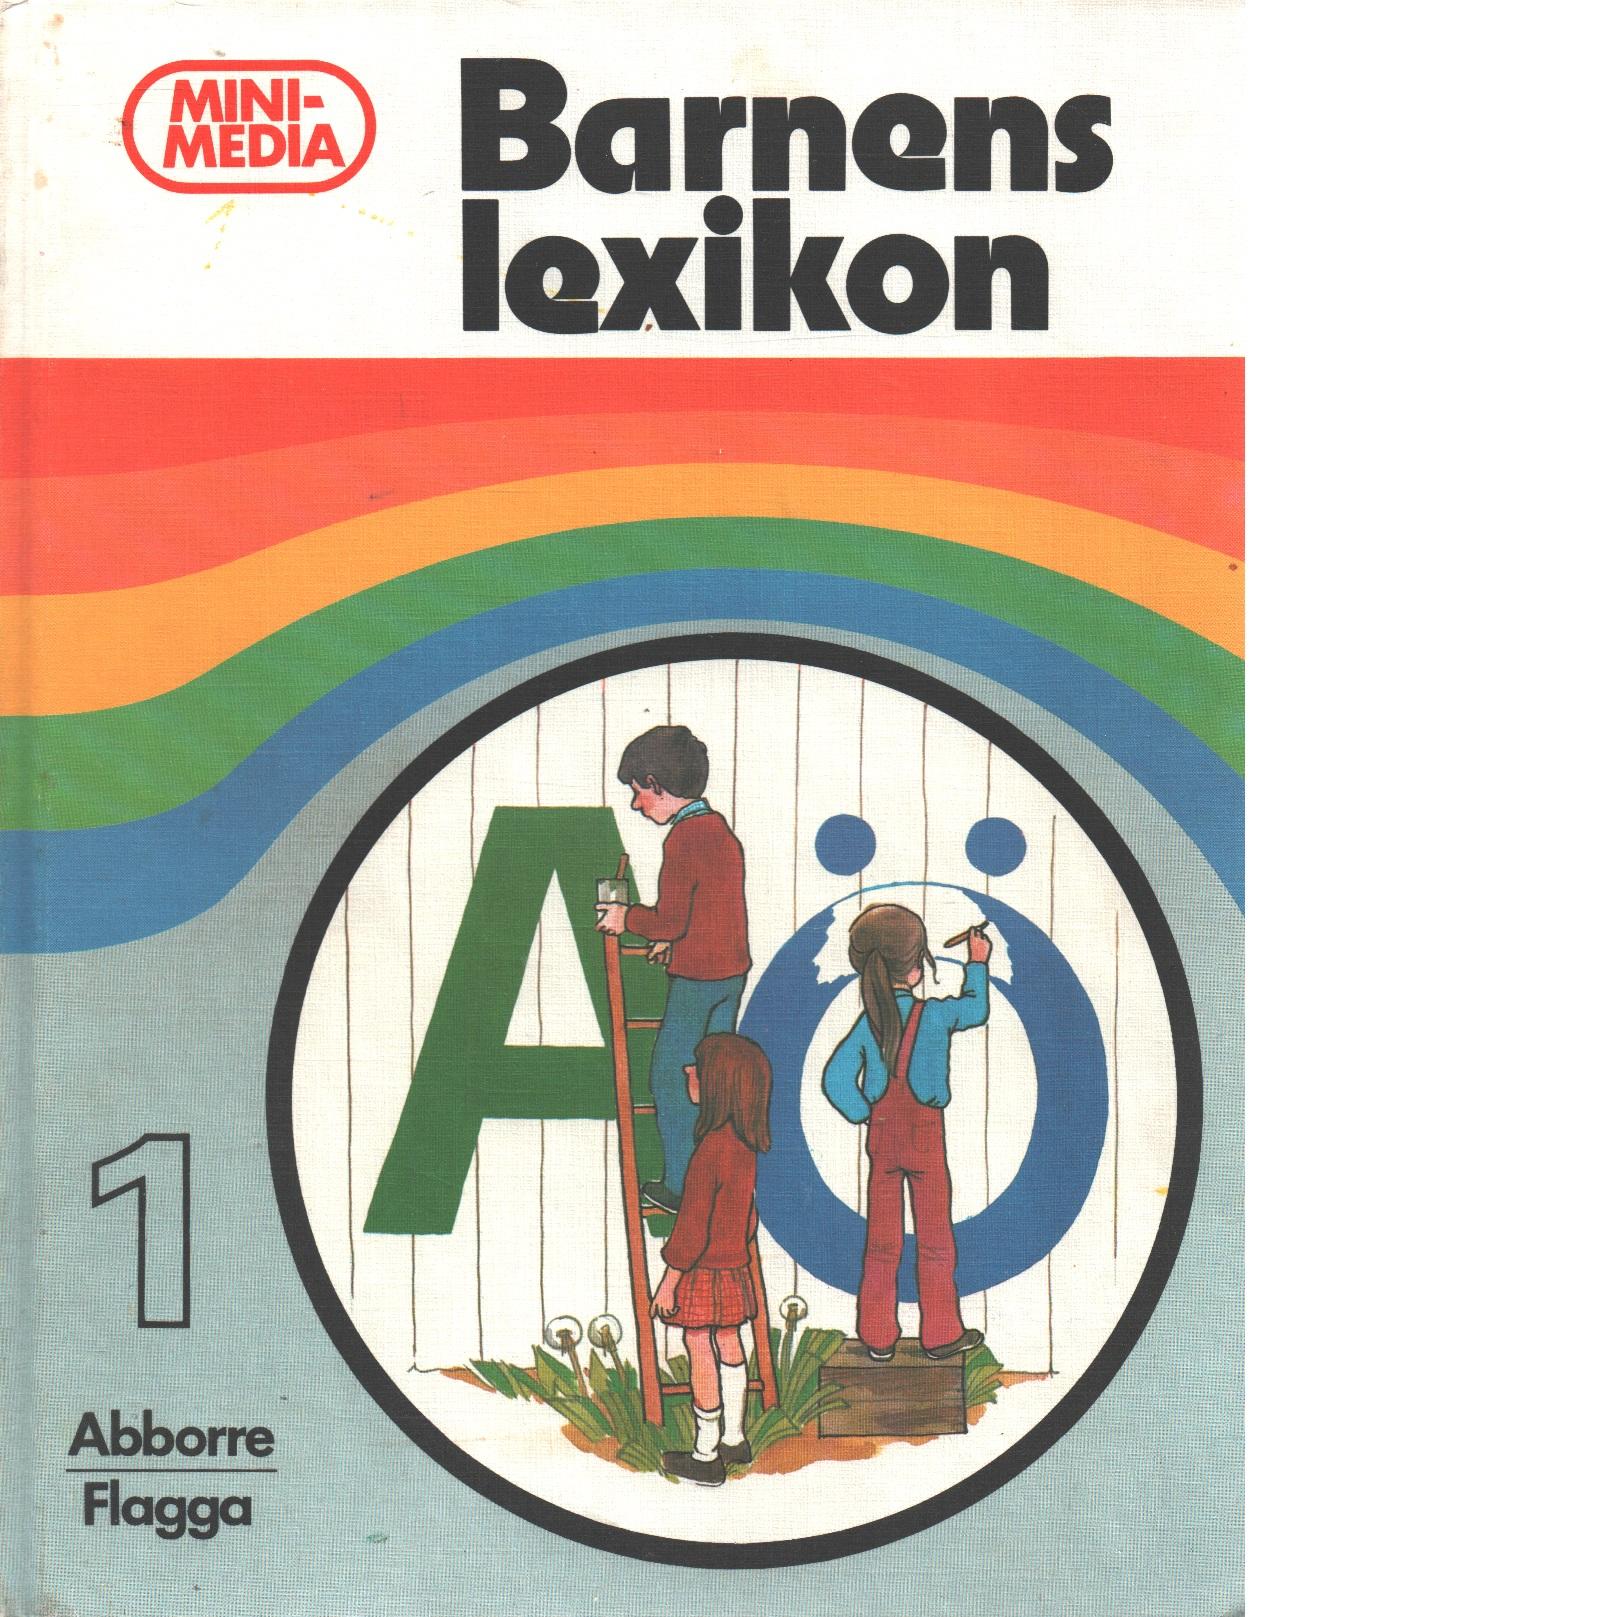 Barnens lexikon : Minimedia  1 Abbore - Flagga - Nygren, Tord och Larsson, Lars-Gunnar samt Hedman, Hardy